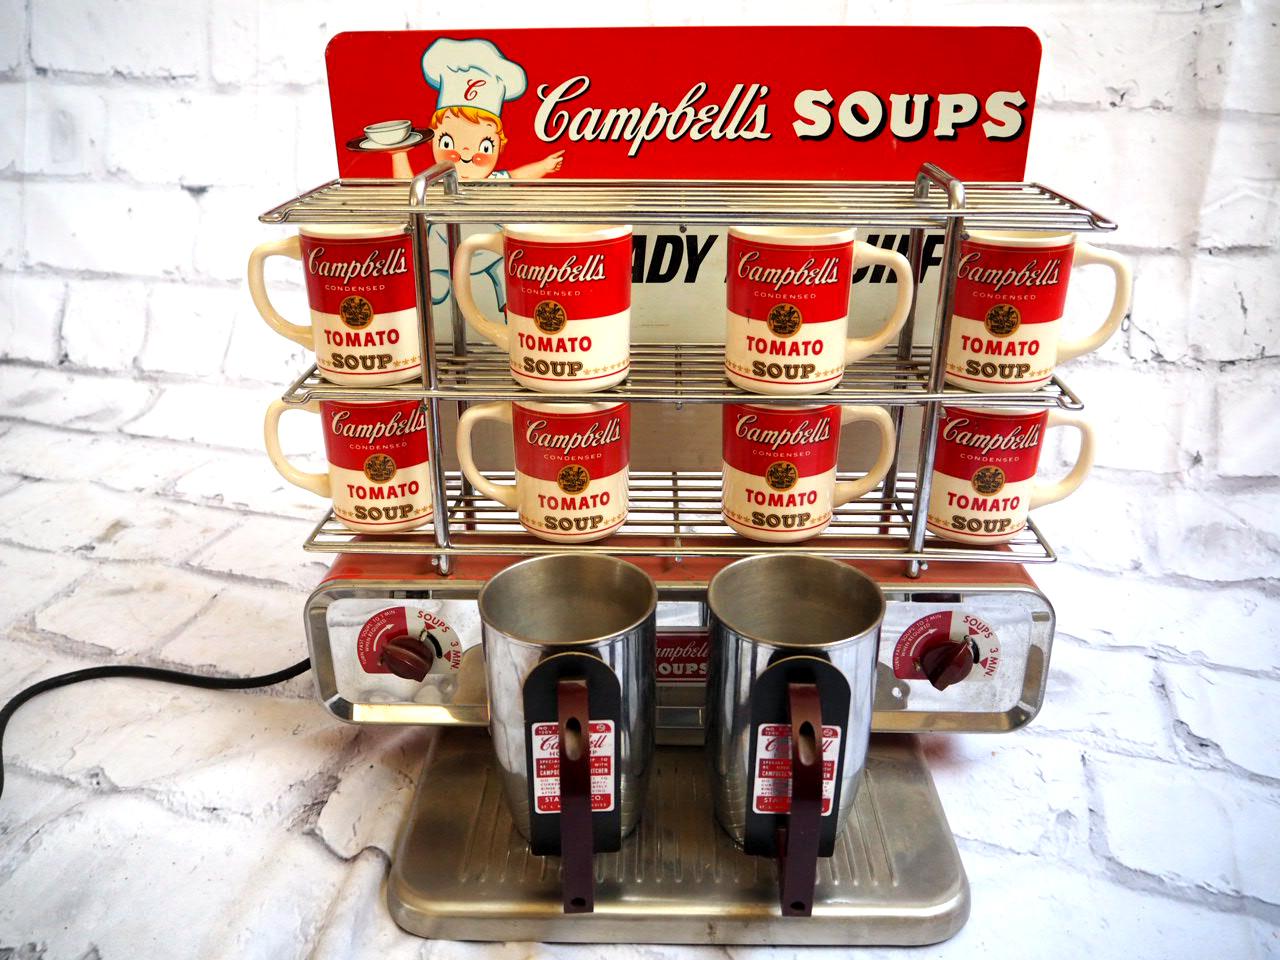 品番1537 Campbell's soups キャンベル ポットセット スープウォーマー マグカップ付 アメリカン ヴィンテージ